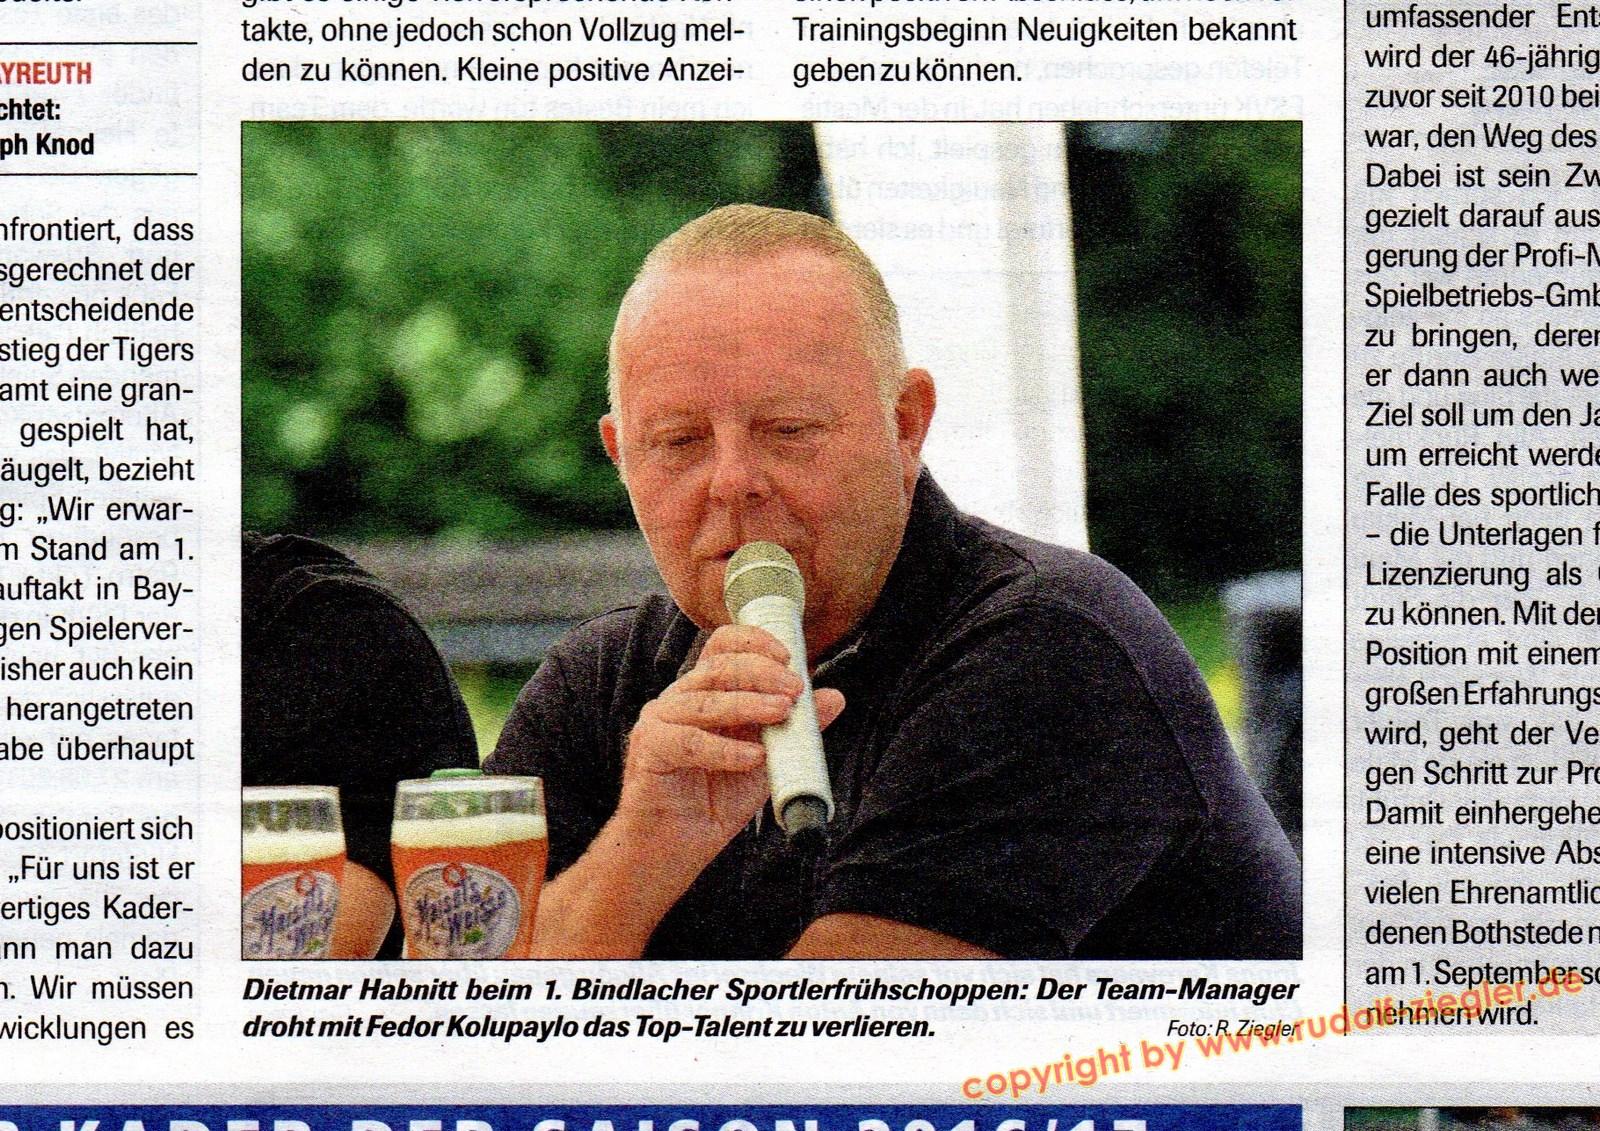 Eishockey NEWS 2016-07-26-A (1600x1200)